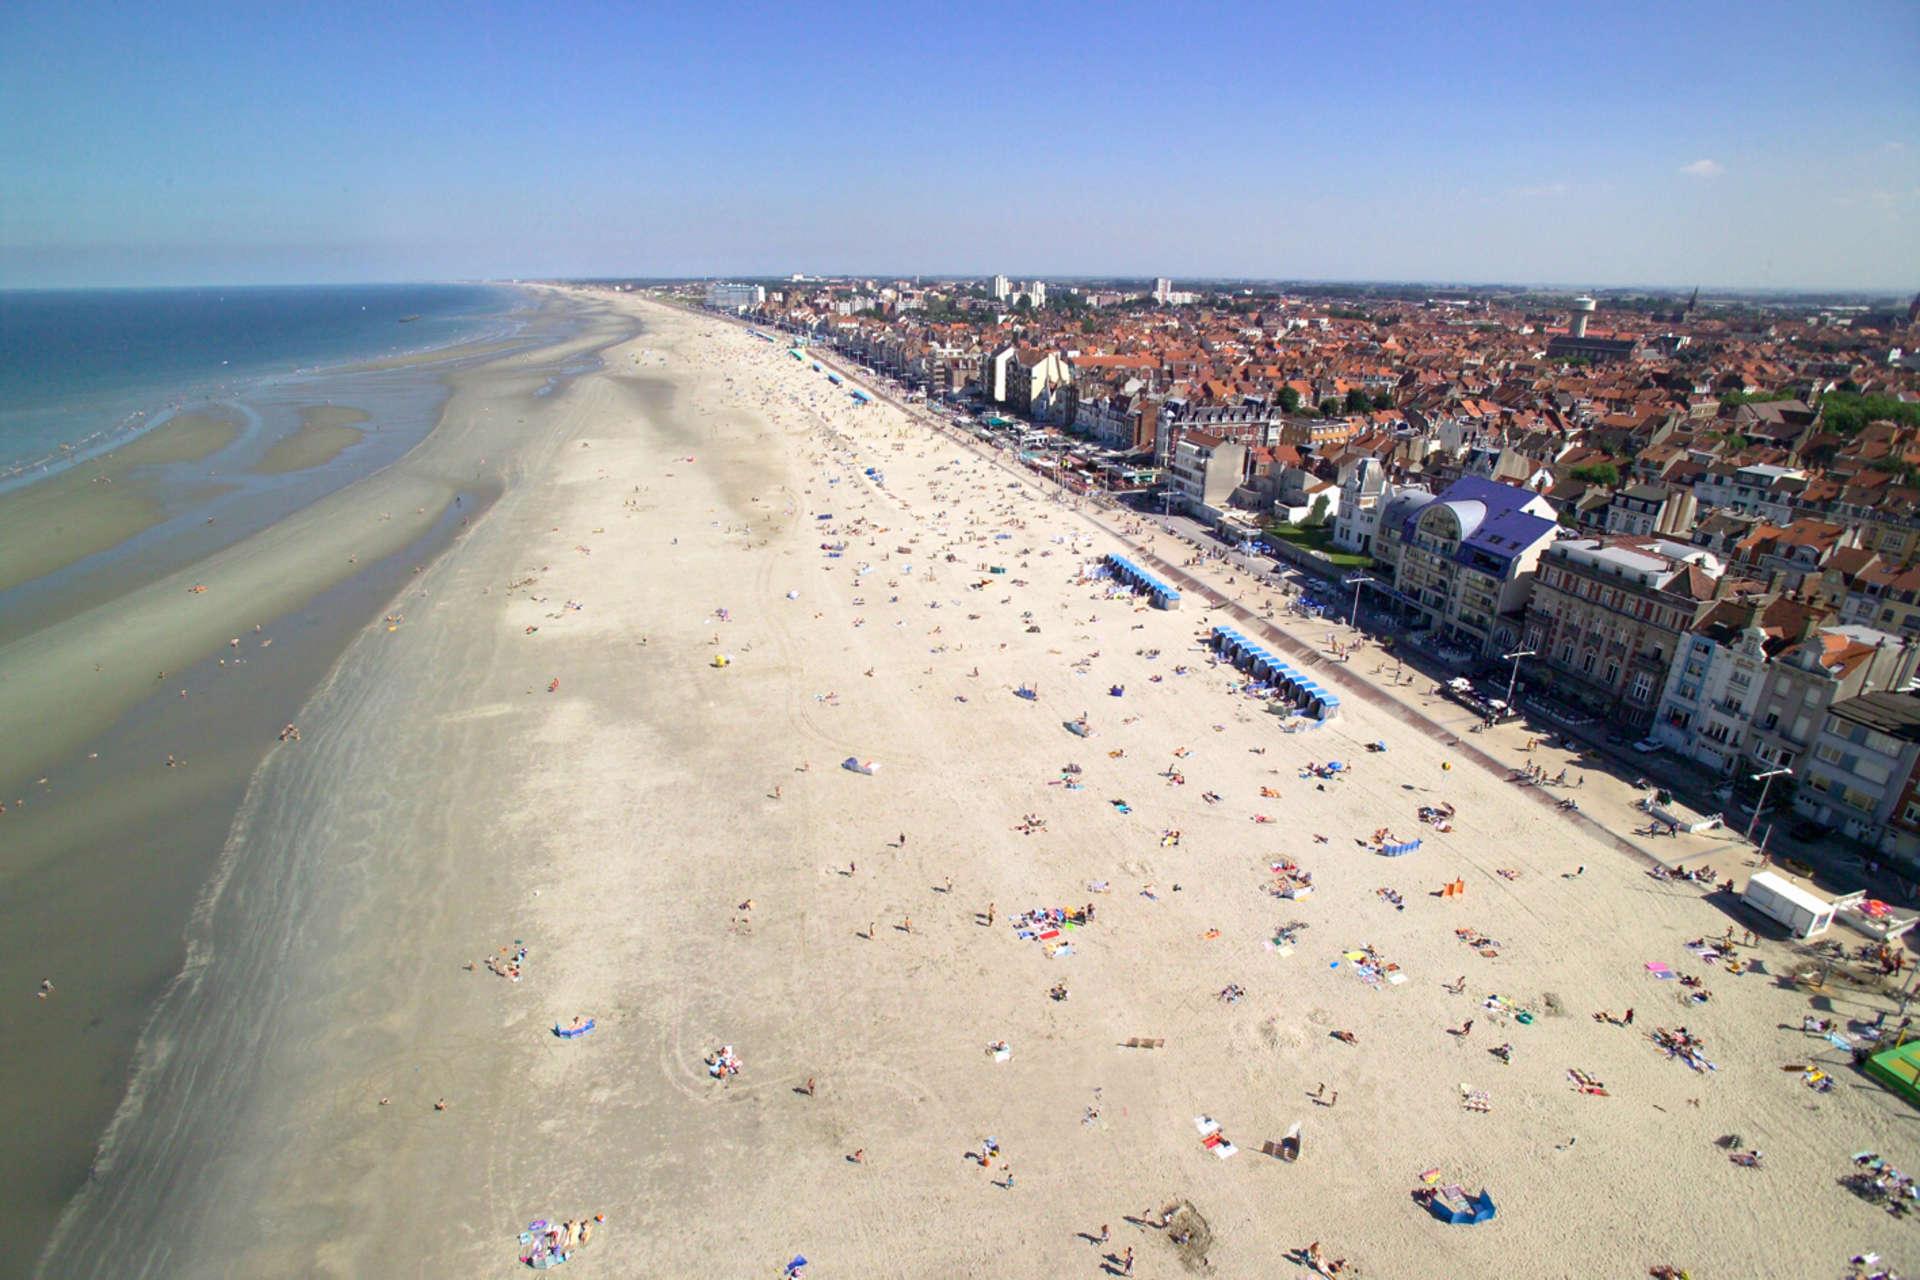 Suite au succès international du film de Nolan, Dunkerque voit le tourisme exploser ! Par Clément P. Tourisme-nordpasdecalais